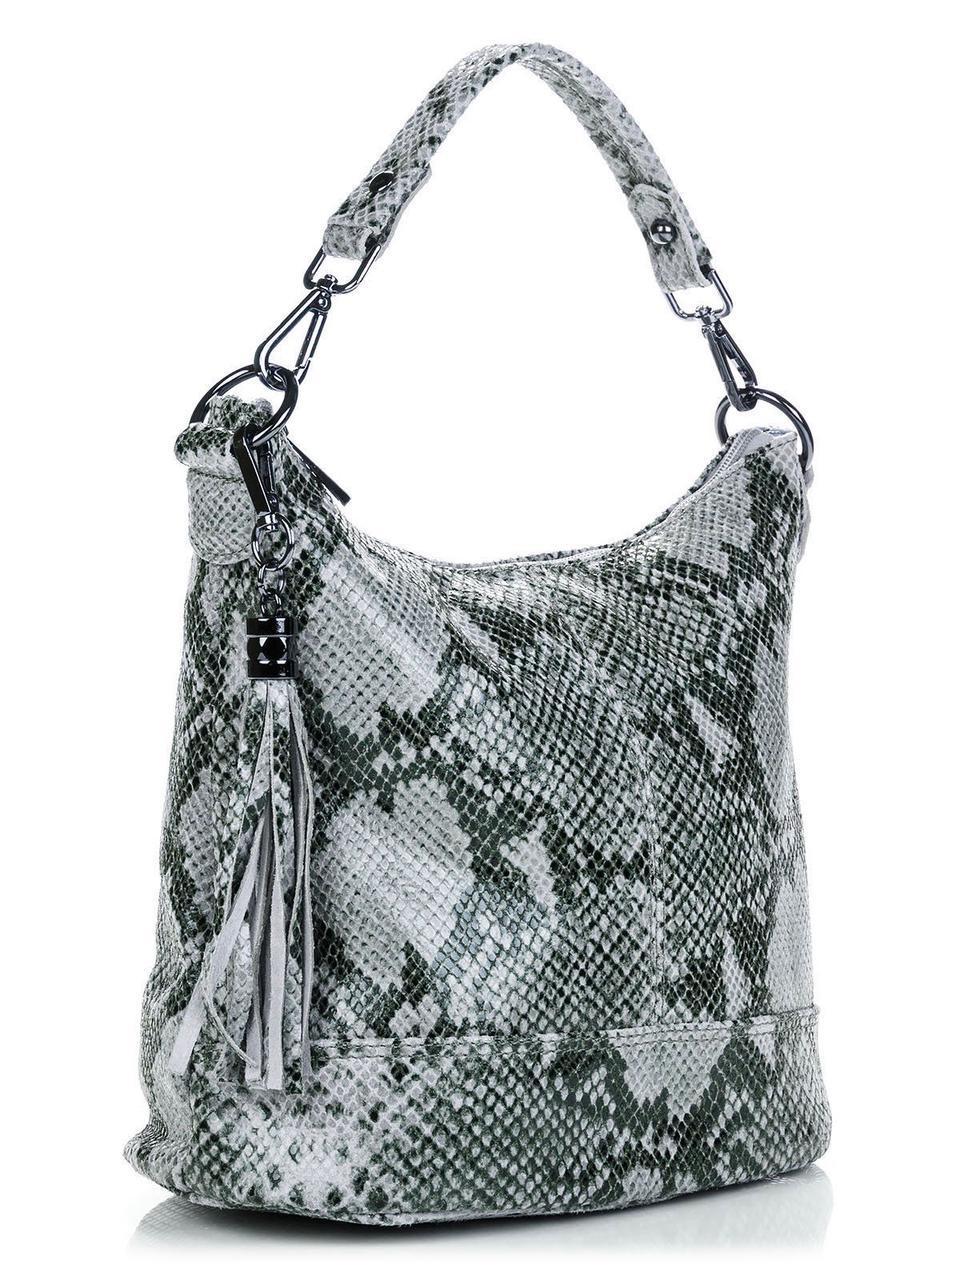 Женская сумка-ковш SISSI Diva's Bag серо-голубая 26 см х 27 см х 15 см